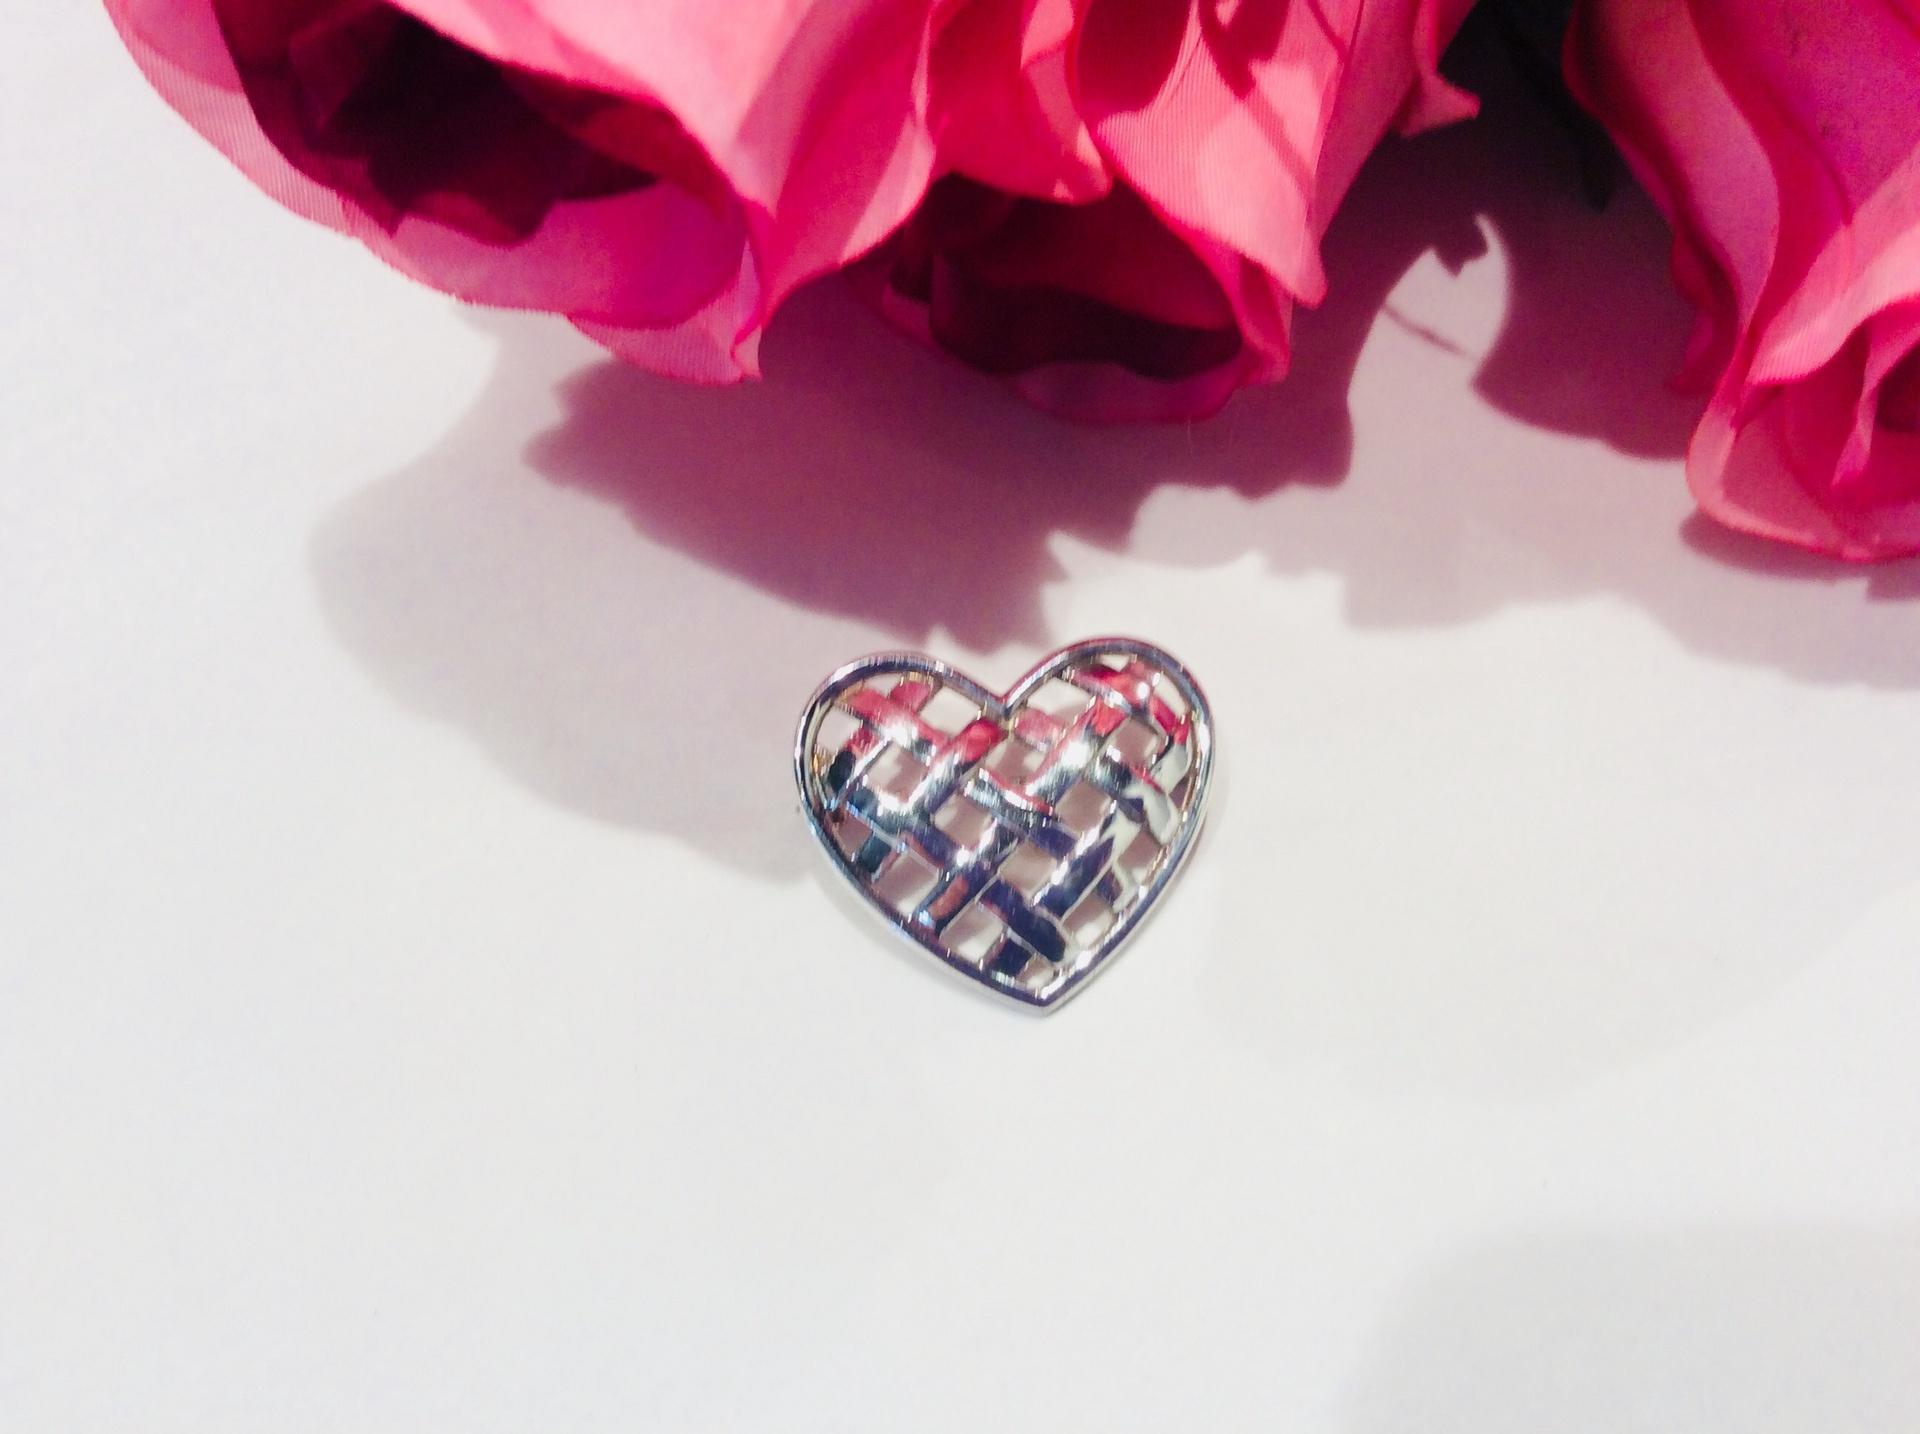 Sterling Silver Woven Heart Brooch